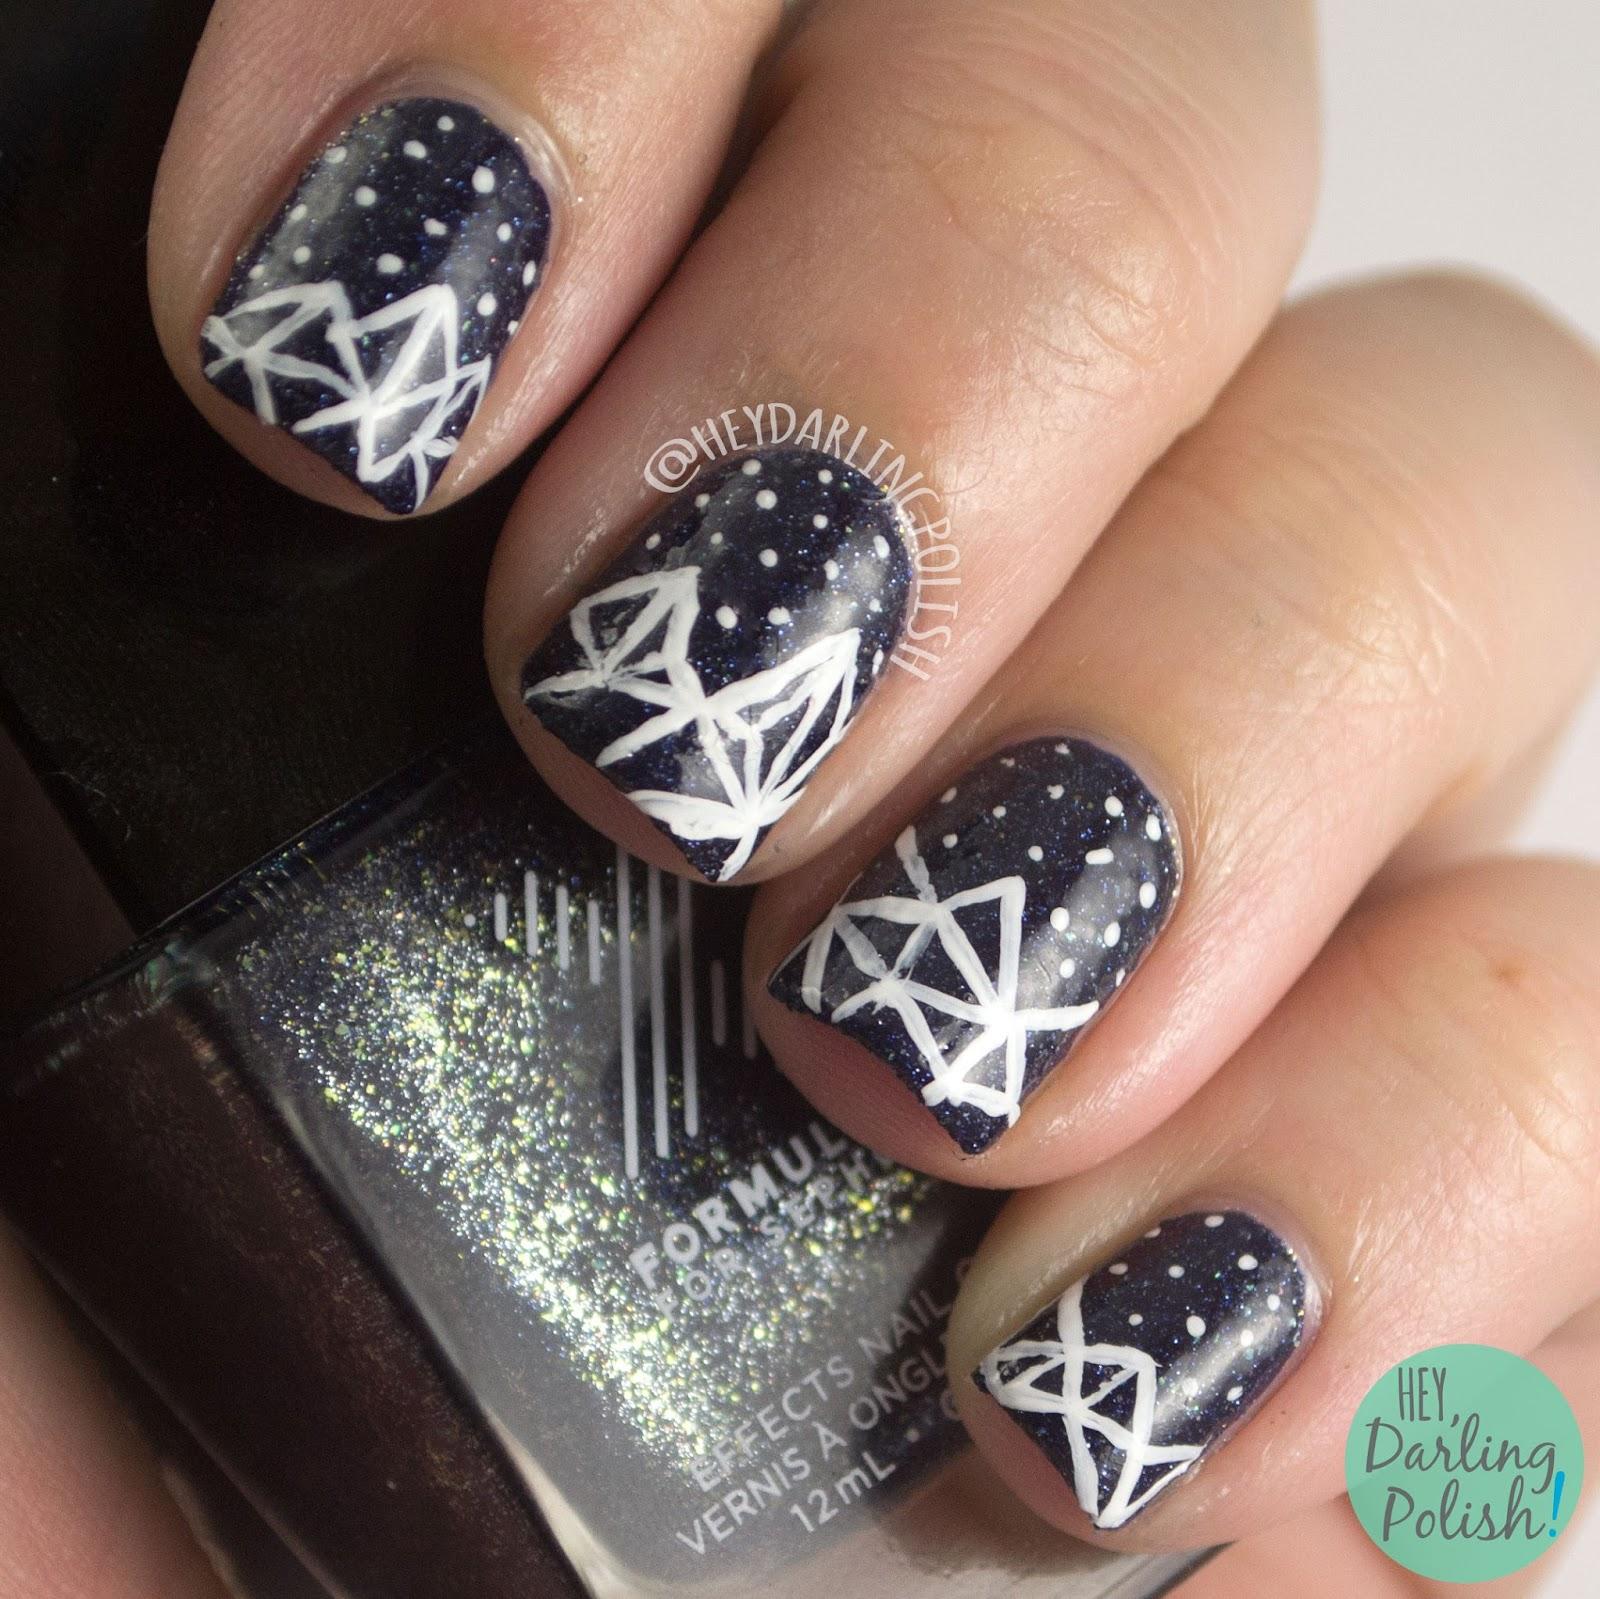 nails, nail art, galaxy, fractals, fractal nail art, hey darling polish, free hand,